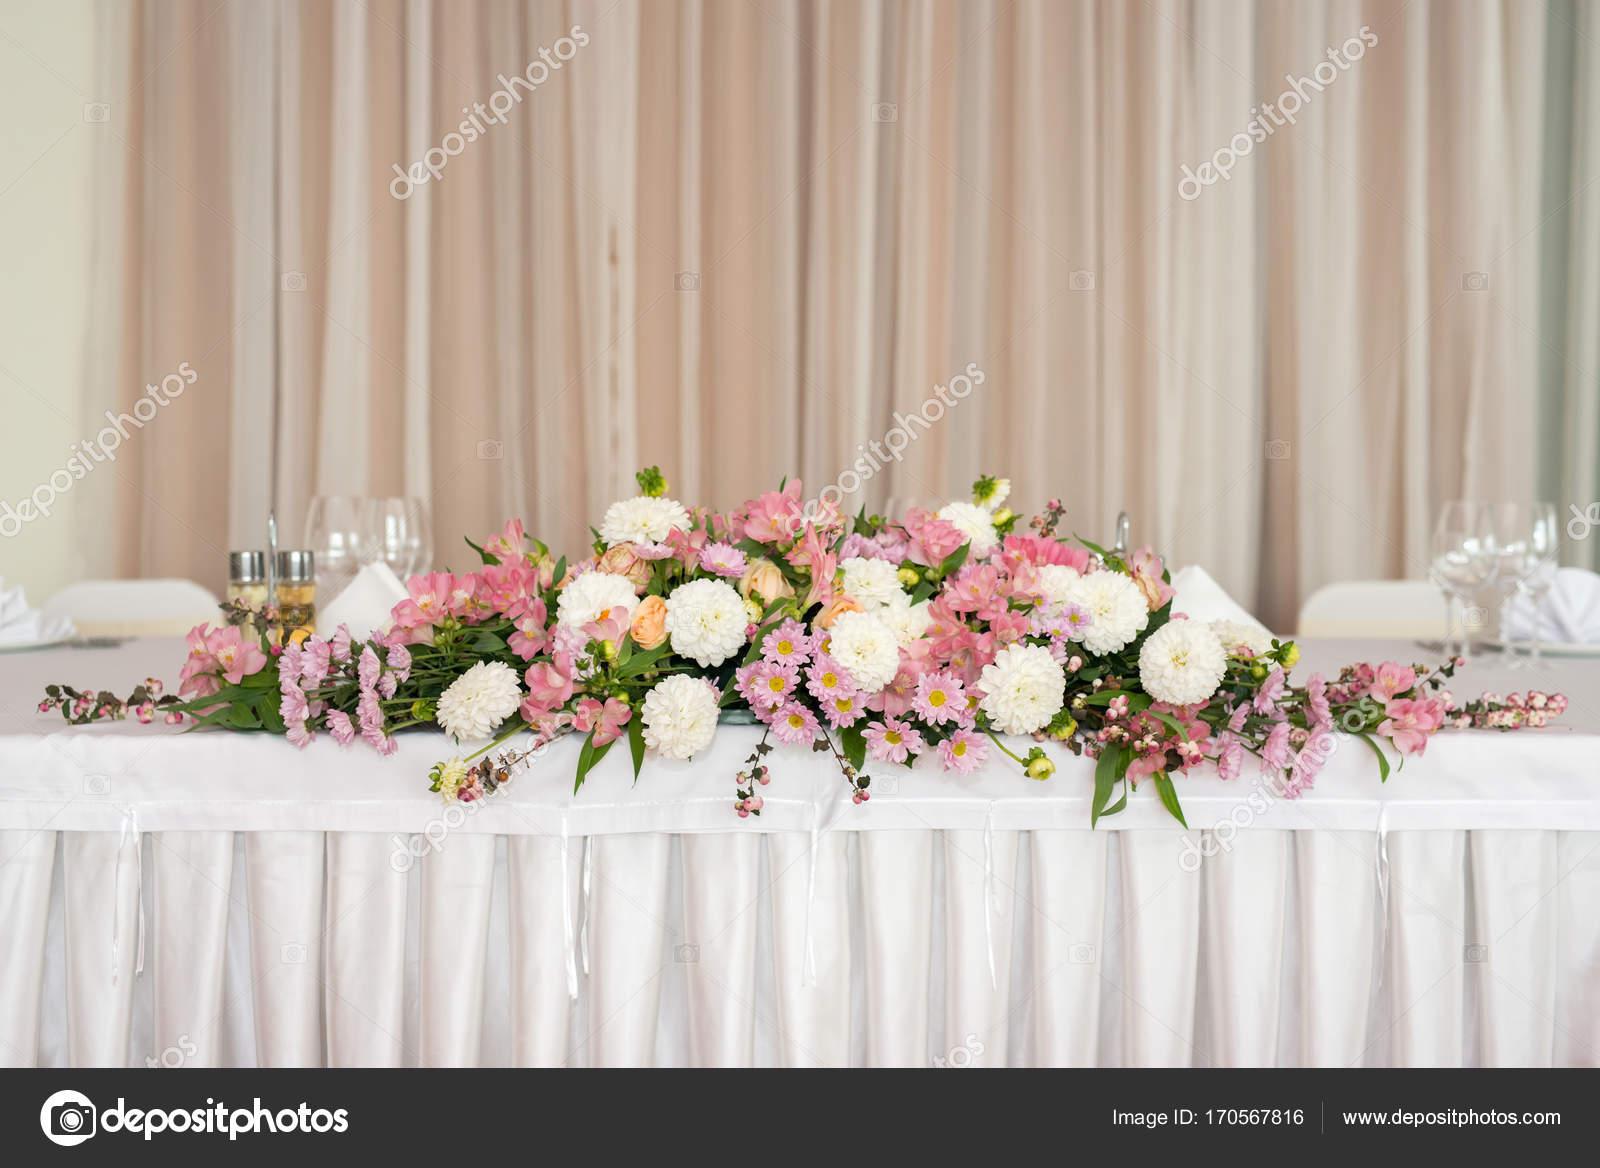 Belle décoration florale sur une table dans un restaurant de mariage.  Nappes blanches, salle lumineuse\u2013 images de stock libres de droits